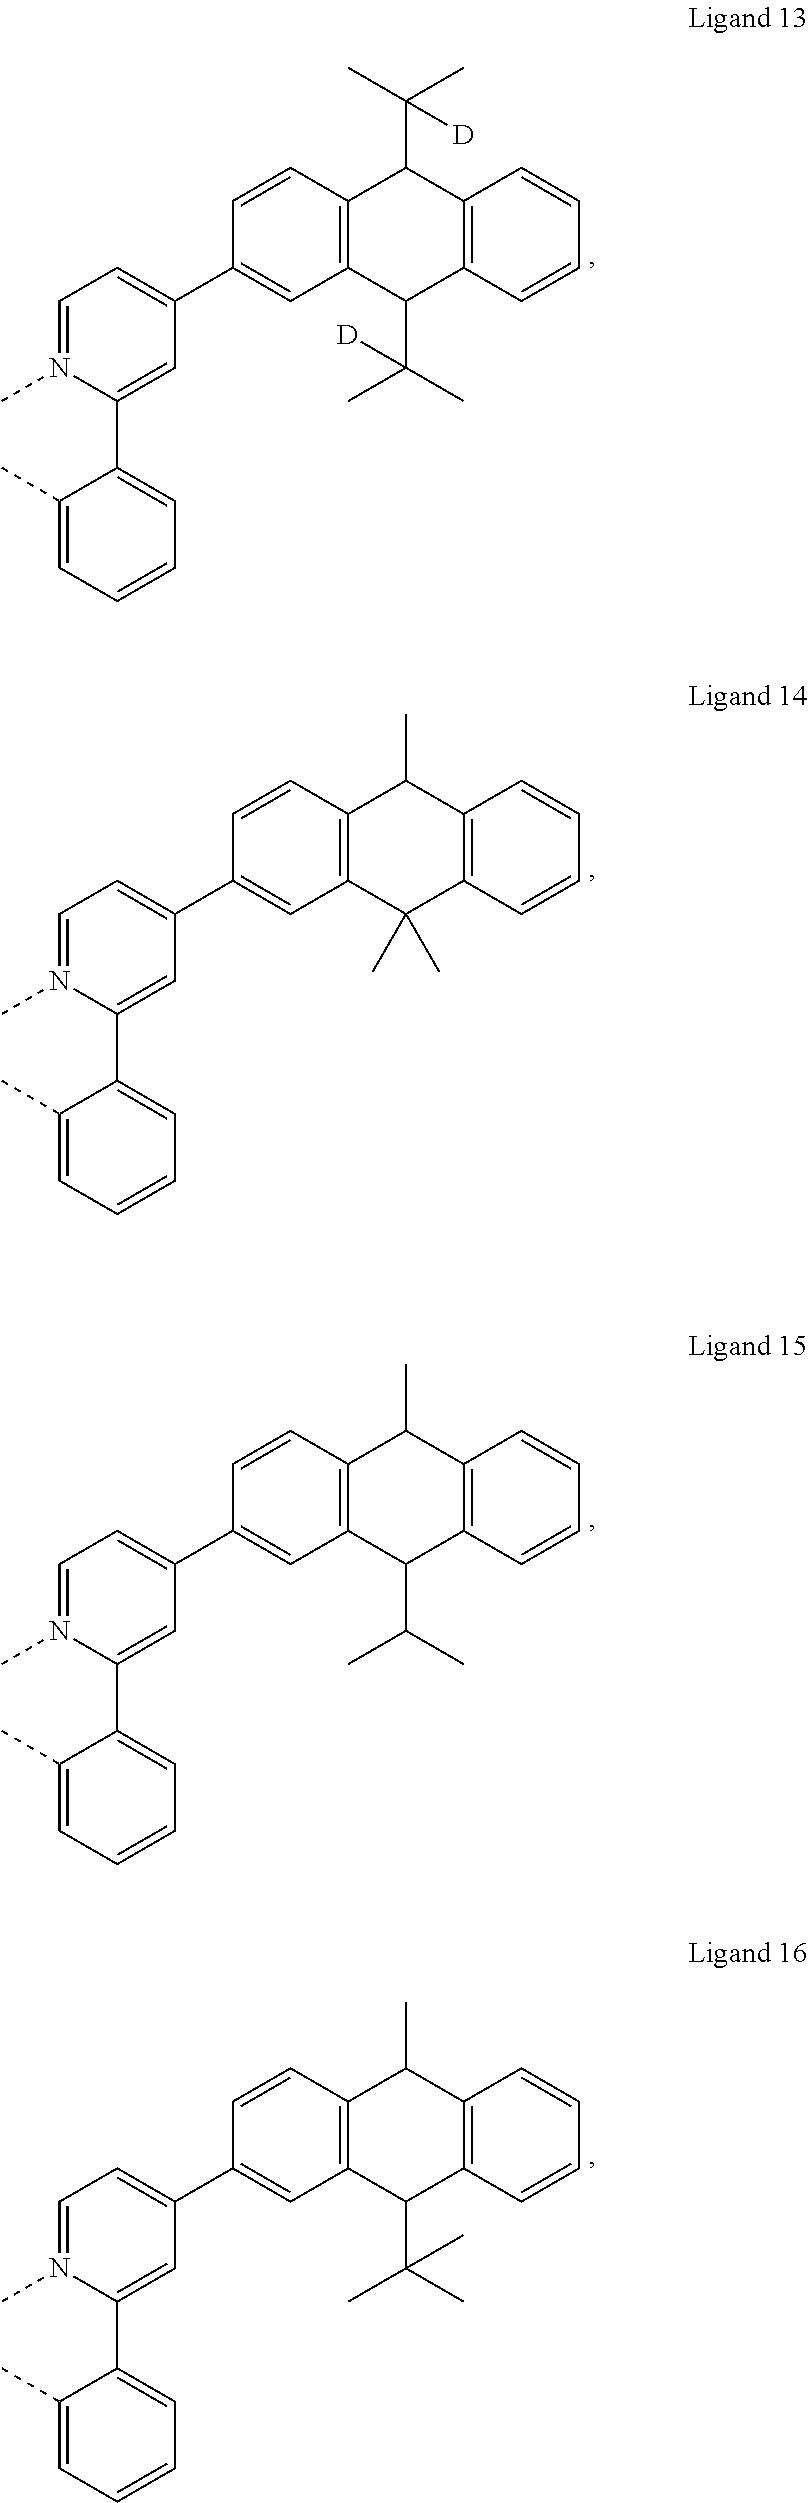 Figure US20180130962A1-20180510-C00033